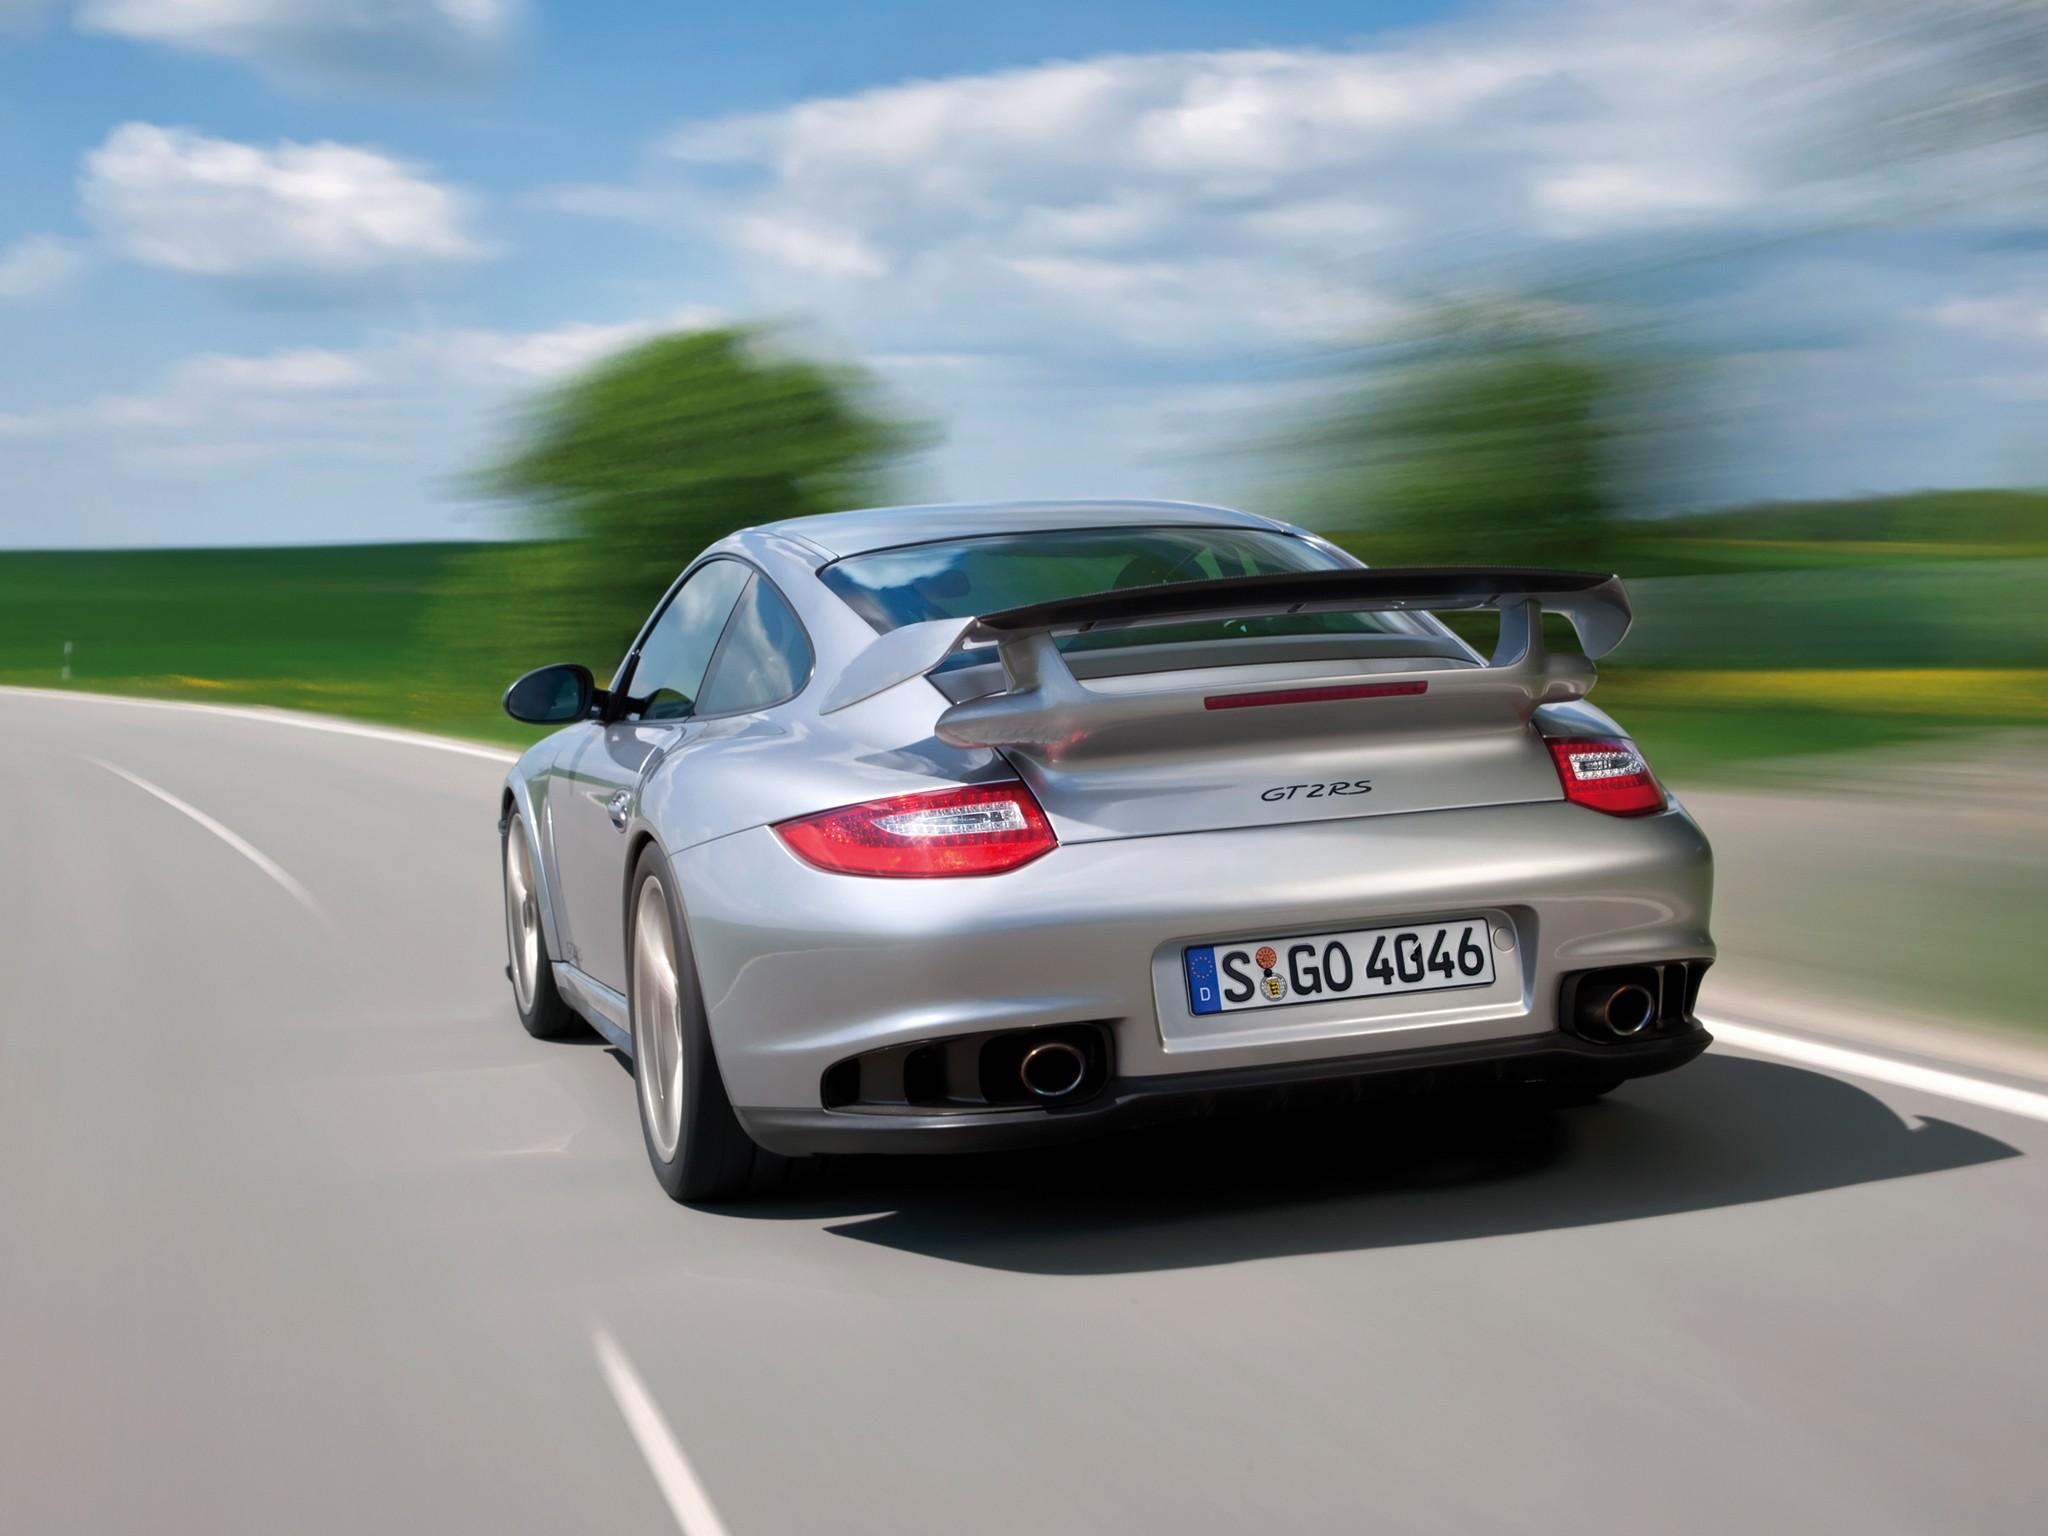 PORSCHE-911-GT2-RS-4327_18 Astounding Porsche 911 Gt2 Rs 2012 Cars Trend